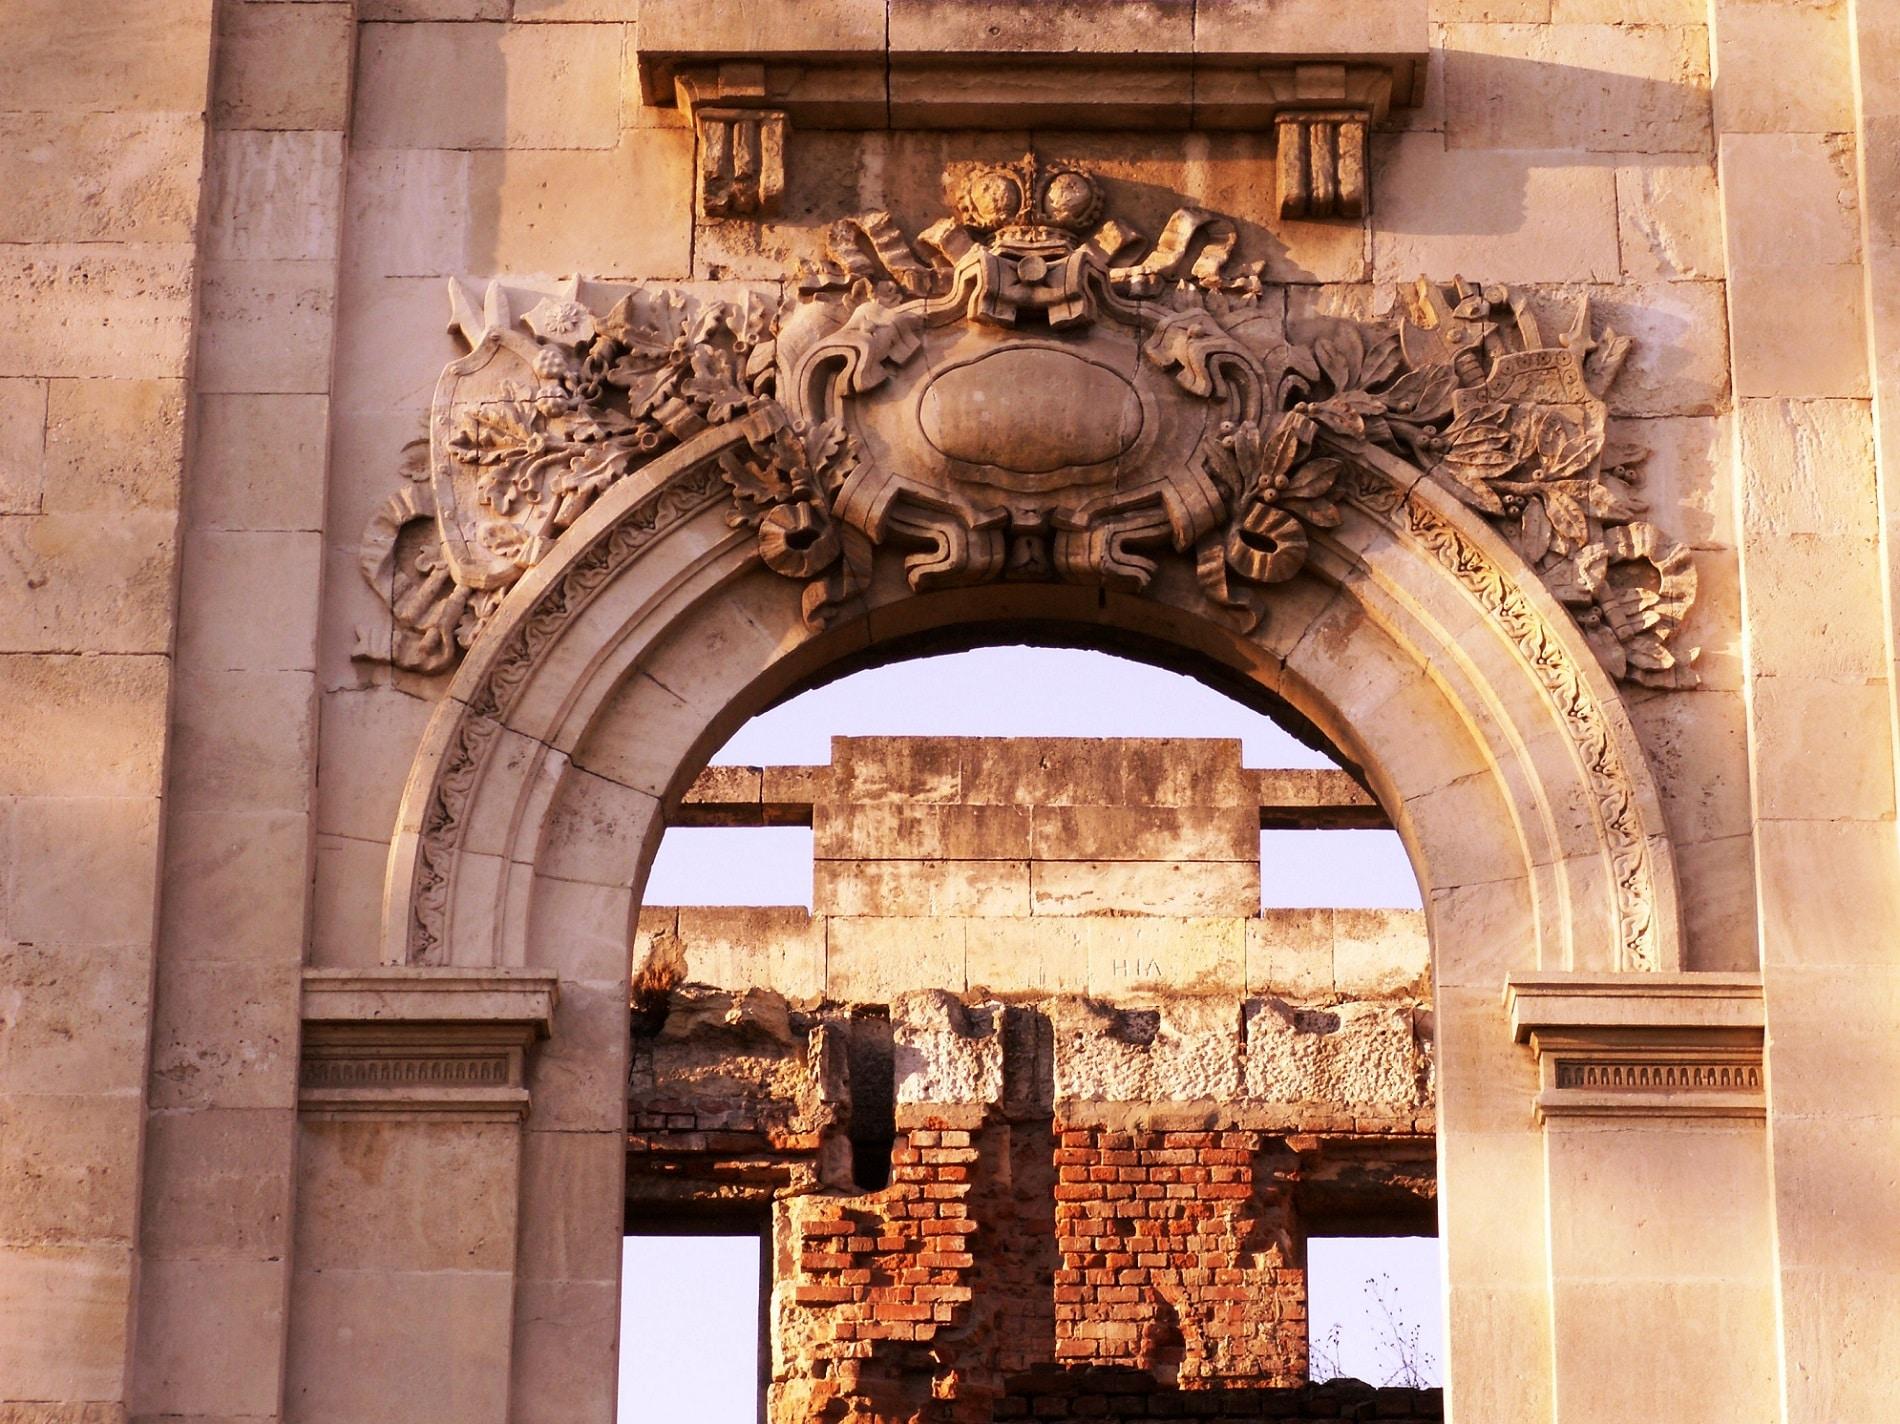 Detaliu exterior - semn al măiestriei, tehnicilor și materialelor de calitate folosite în coonstrucția Micului Trianon